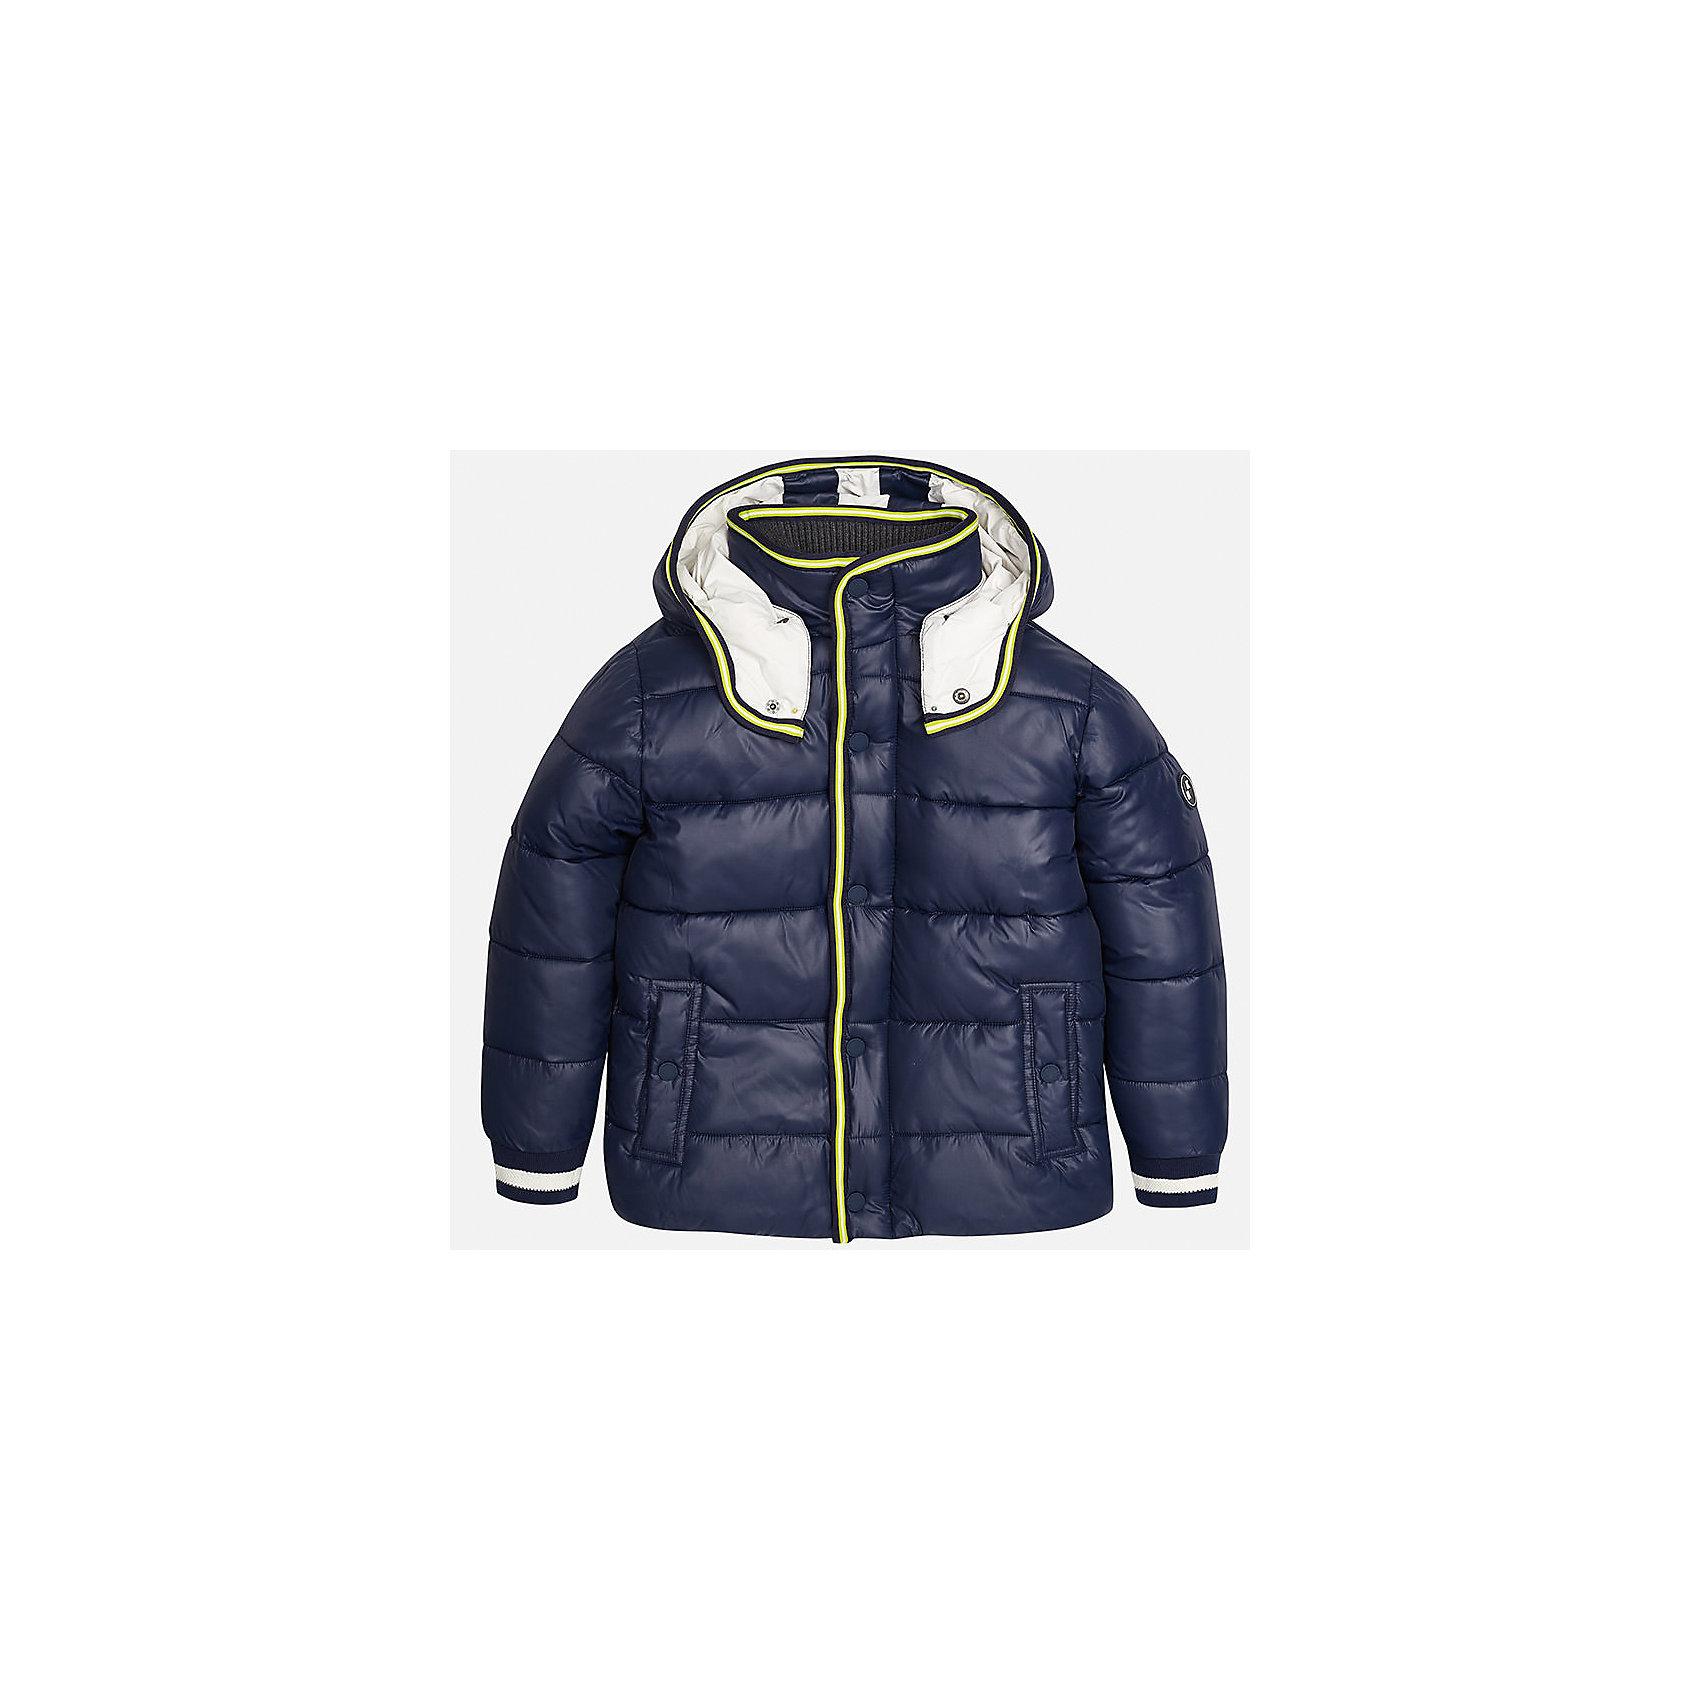 Куртка для мальчика MayoralДемисезонные куртки<br>Характеристики товара:<br><br>• цвет: темно-синий;<br>• сезон: демисезон;<br>• температурный режим: от 0 до +10С;<br>• состав ткани: 100% полиэстер;<br>• состав подкладки: 100% хлопок;<br>• на молнии;<br>• капюшон:  отстегивается, без меха;<br>• страна бренда: Испания;<br>• страна изготовитель: Китай.<br><br>Утепленная демисезонная куртка для мальчика от популярного бренда Mayoral несомненно понравится вам и вашему ребенку. Качественные ткани, безупречное исполнение, все модели в центре модных тенденций. <br><br>Стеганная модель синего цвета выполнена из мягкой плащевой  ткани и внутренней флисовой подкладки, обеспечивающие хорошую воздухопроницаемую защиту,  рукава, вортник и пояс на внутренних элестичных манжетах. Застегивается на молнию и кнопки, капюшон  отстегивается с помощью кнопок,  боковые карманы спереди на кнопках. Декорирована контрастной оконтовко и нашивкой-логотипом на рукаве.<br><br>Легкая и теплая куртка с капюшоном и карманами на холодную осень-весну. Грамотный крой изделия обеспечивает отличную посадку по фигуре. Все эти преимущества делают данную модель незаменимой для активных прогулок и повседневной носки.<br><br>Утепленная демисезонная куртка для мальчика Mayoral (Майорал) можно купить в нашем интернет-магазине.<br><br>Ширина мм: 356<br>Глубина мм: 10<br>Высота мм: 245<br>Вес г: 519<br>Цвет: синий<br>Возраст от месяцев: 168<br>Возраст до месяцев: 180<br>Пол: Мужской<br>Возраст: Детский<br>Размер: 170,128/134,140,152,158,164<br>SKU: 6938782